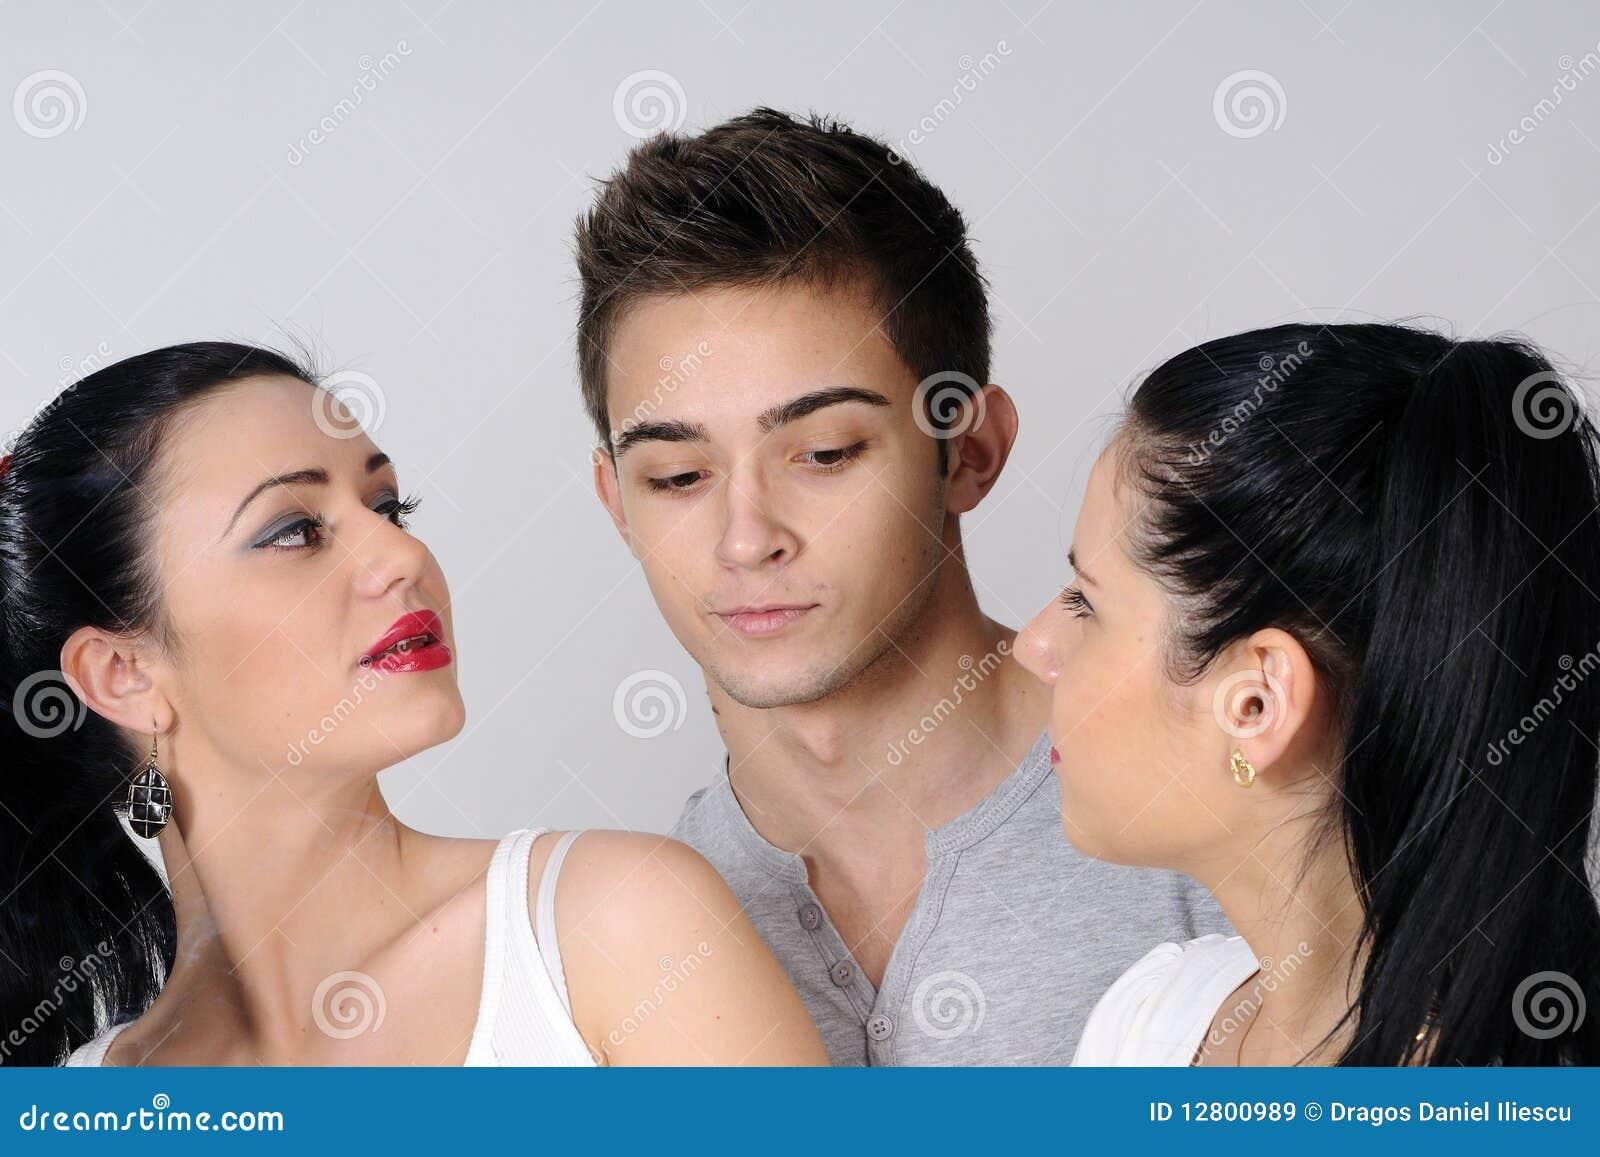 один парень и трое девок: